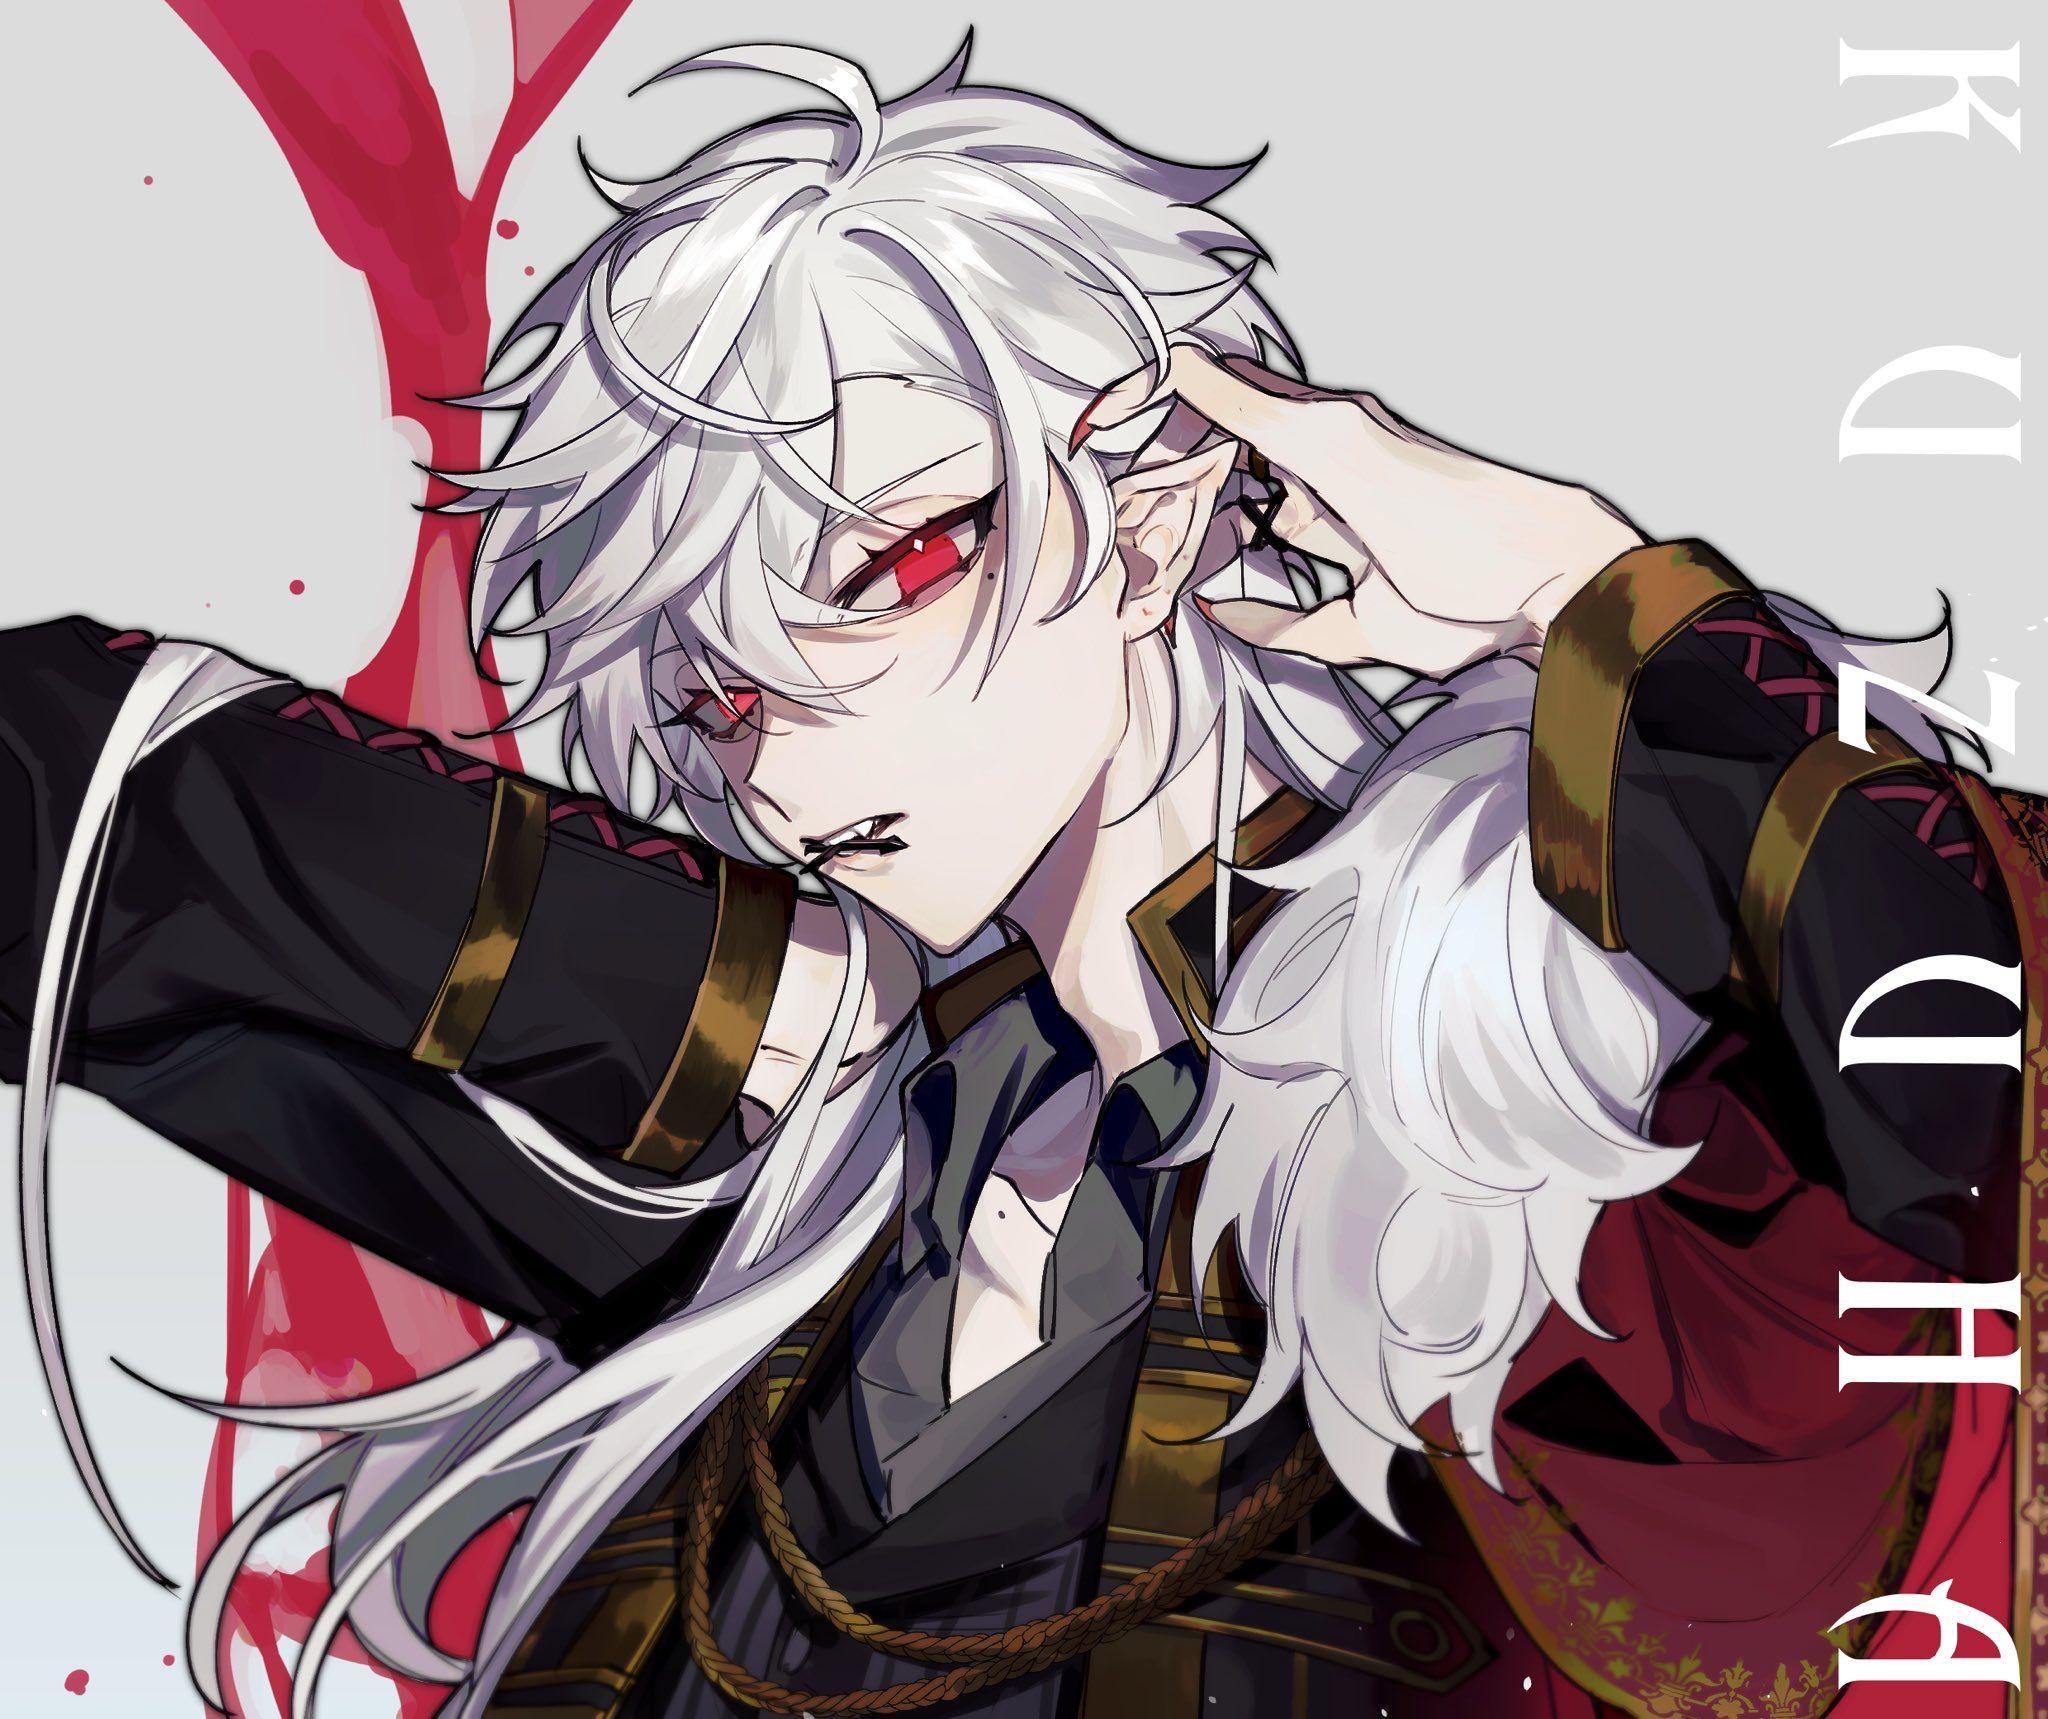 Pin By Iilllili Il Lllilii On Chronoir Cool Anime Guys White Hair Anime Guy Anime Guys